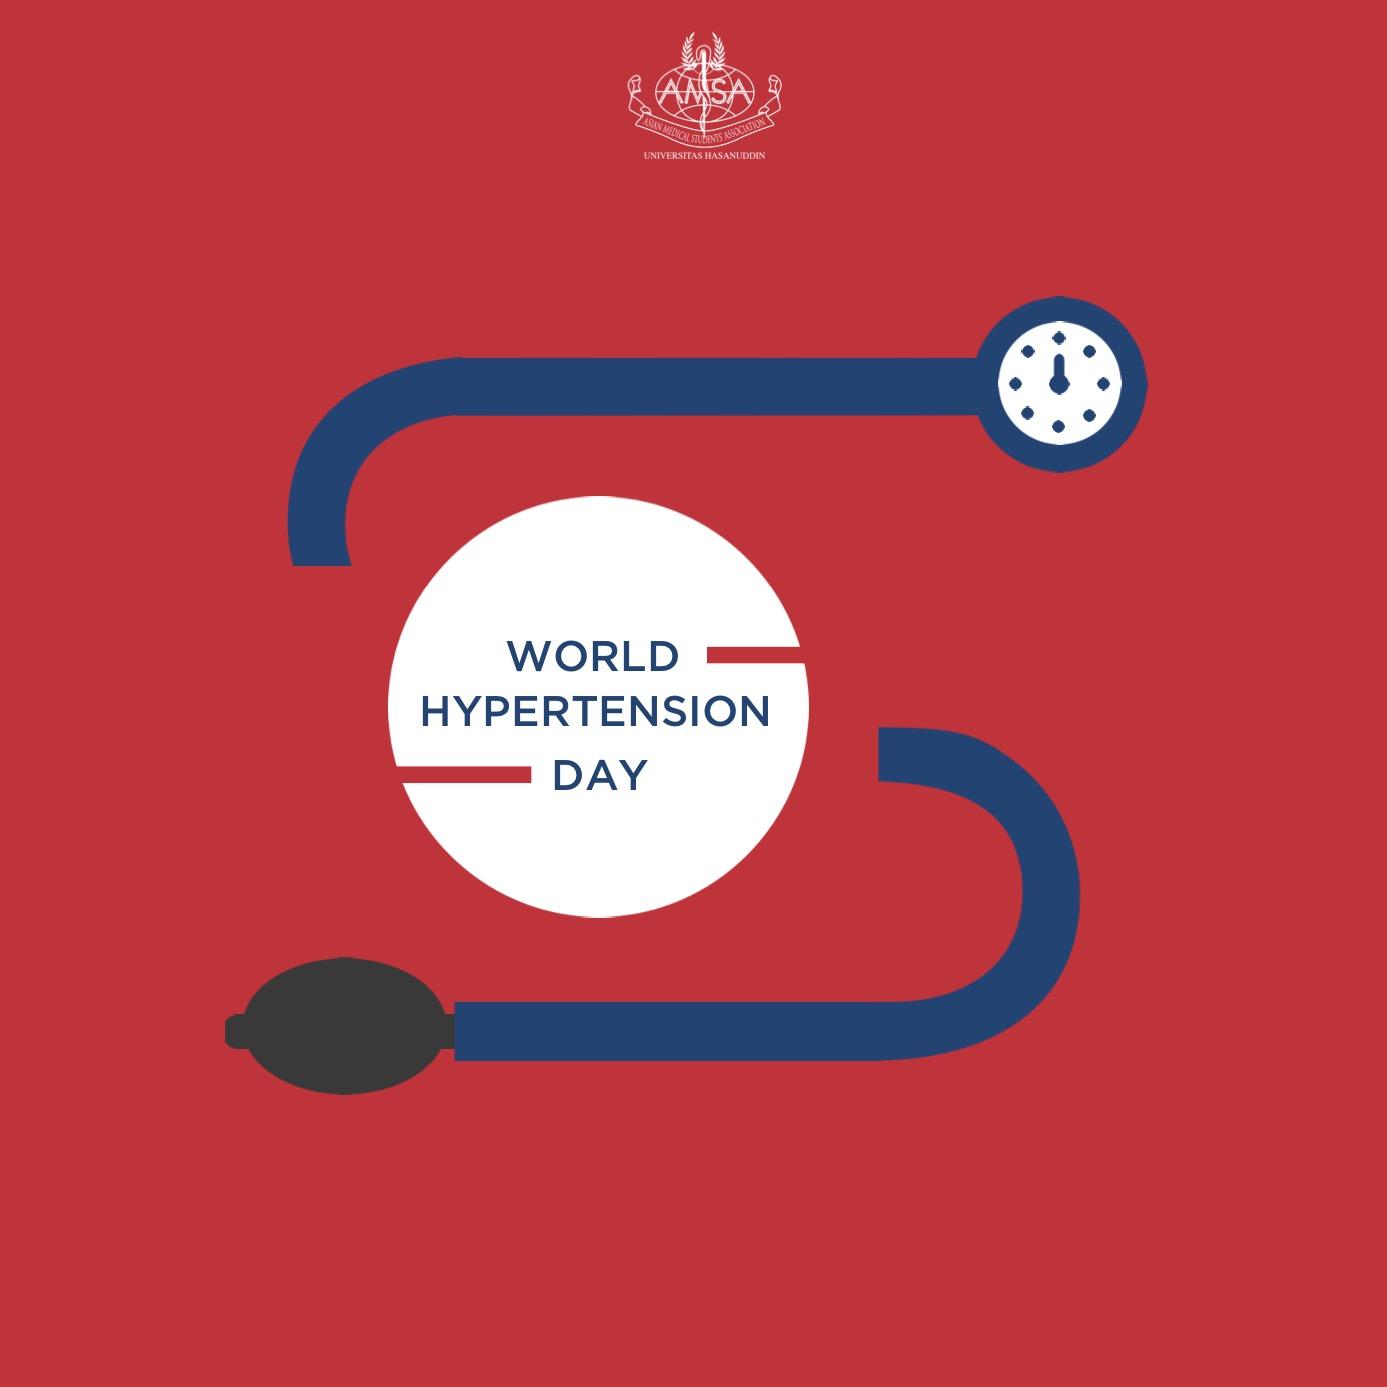 hypertension day